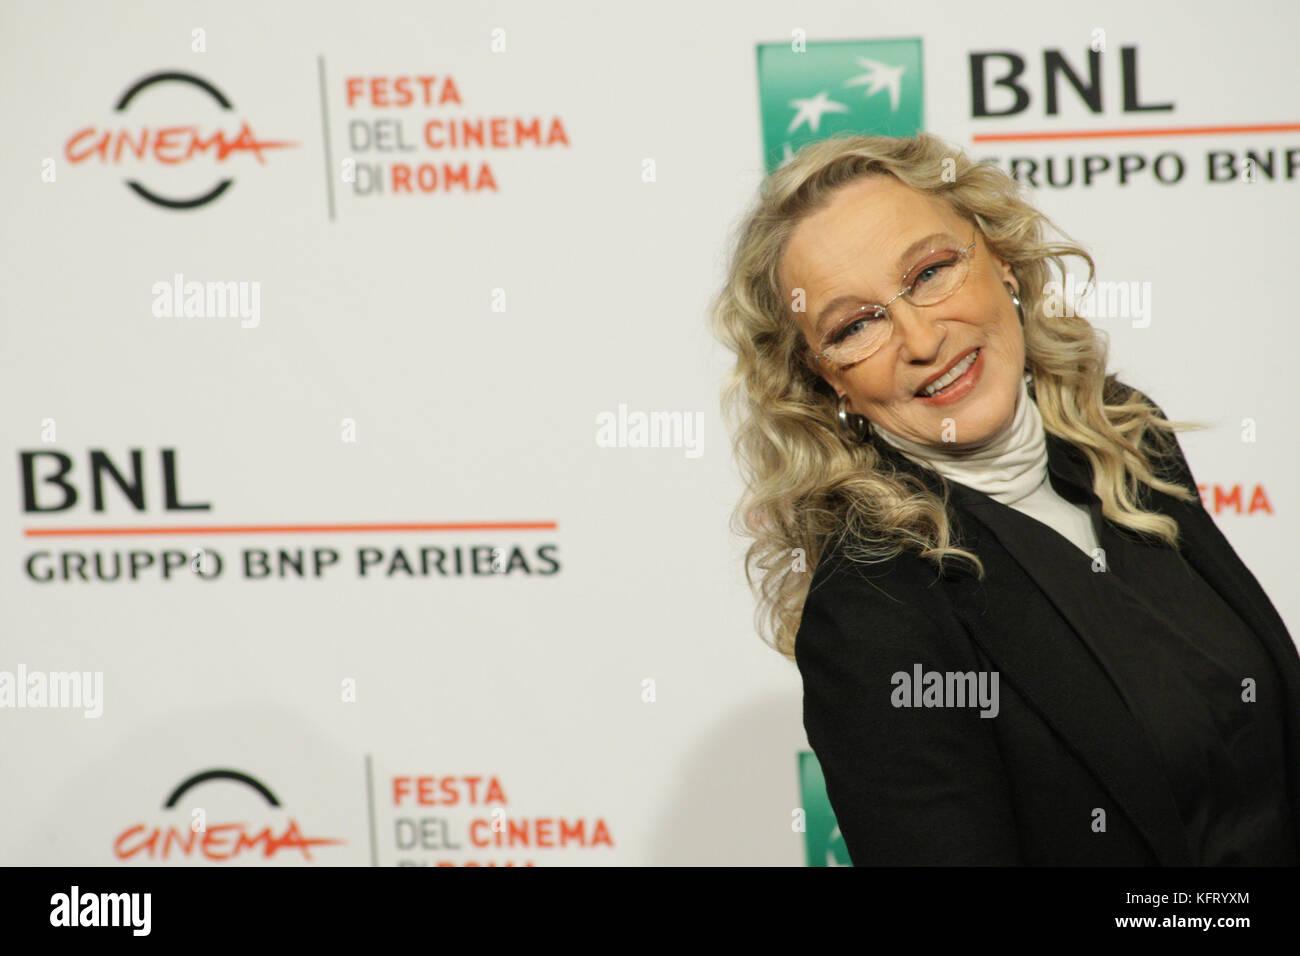 pictures Eleonora Giorgi (born 1953)